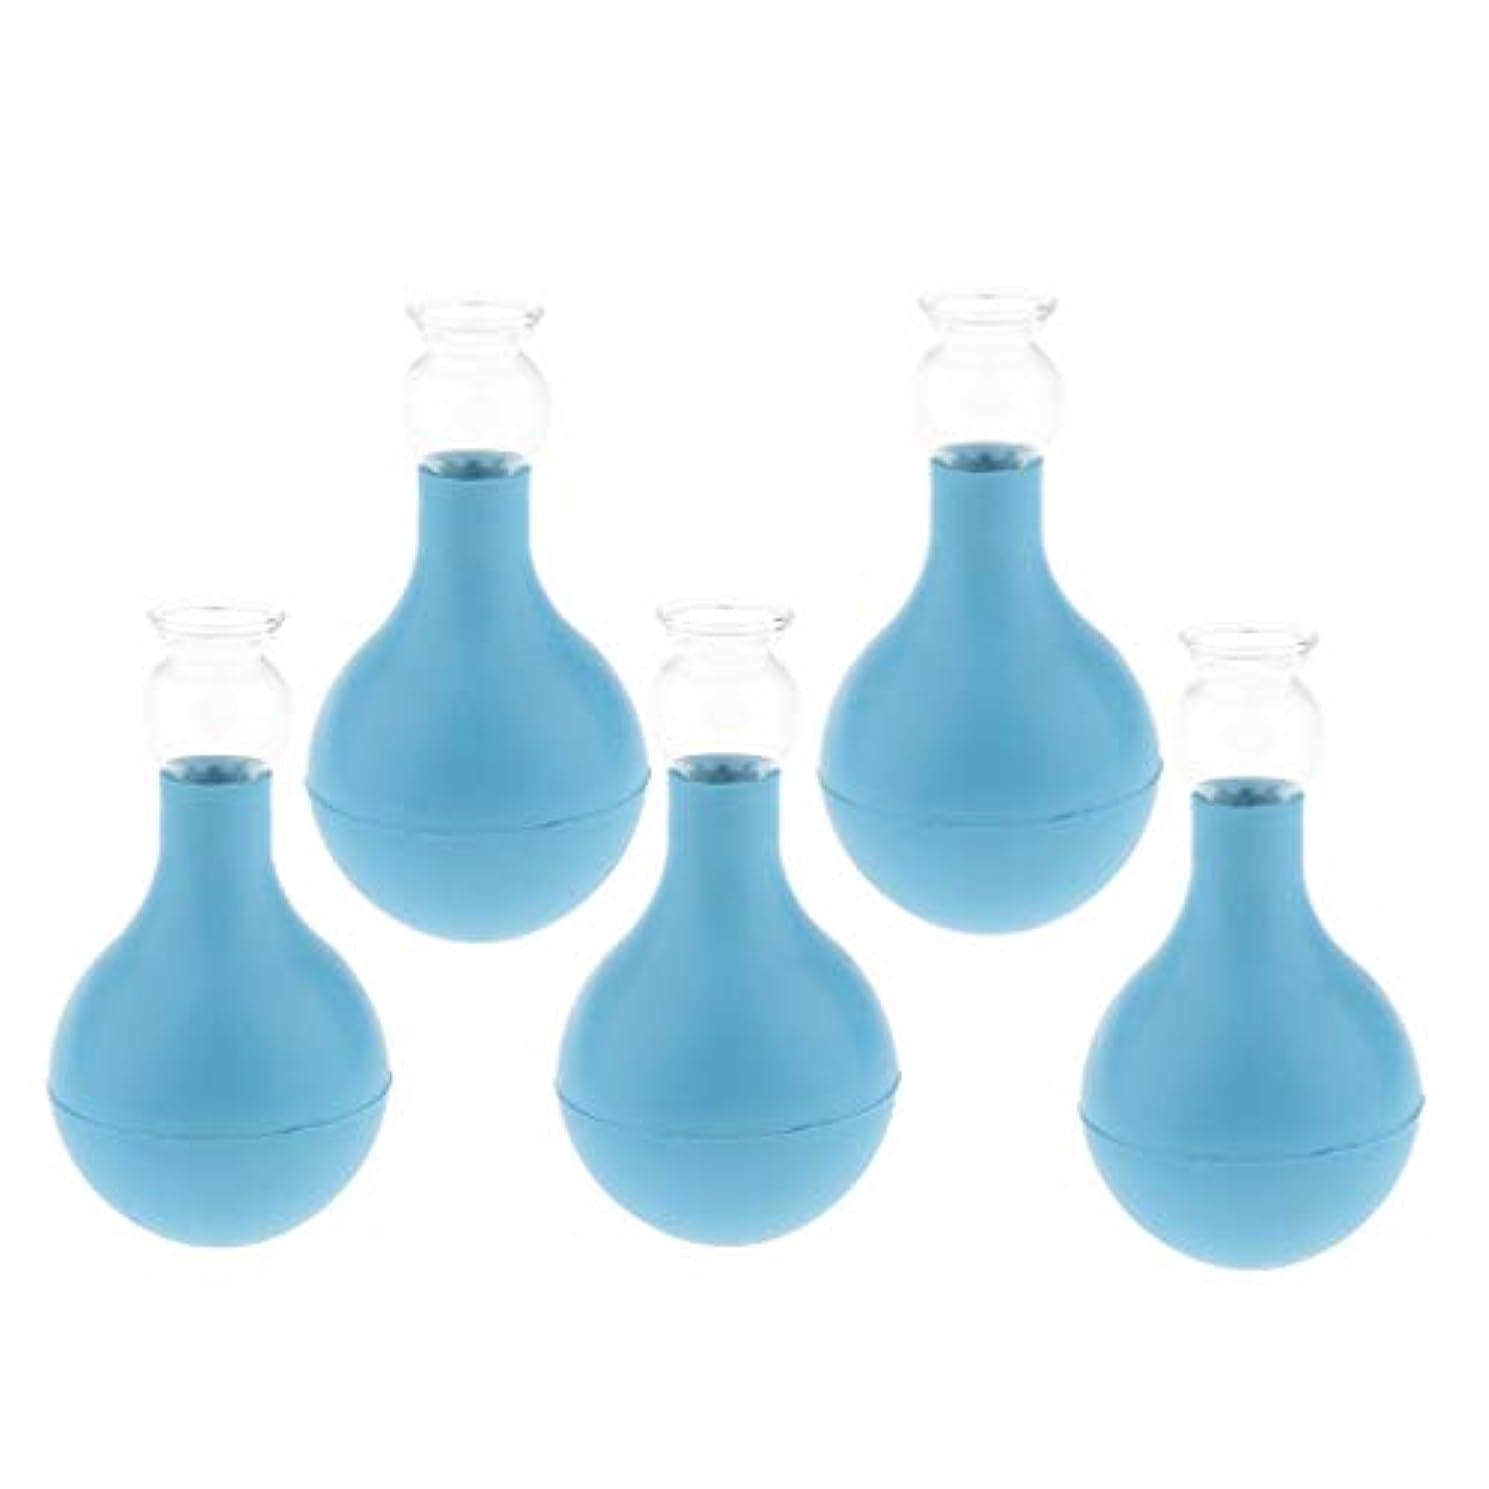 権利を与える有効な触手マッサージ 吸い玉 カッピング 5個 シリコン ガラス 顔 首 背中 胸 脚 全身用 2サイズ選ぶ - ブルー+ブルー3cm, 3cm